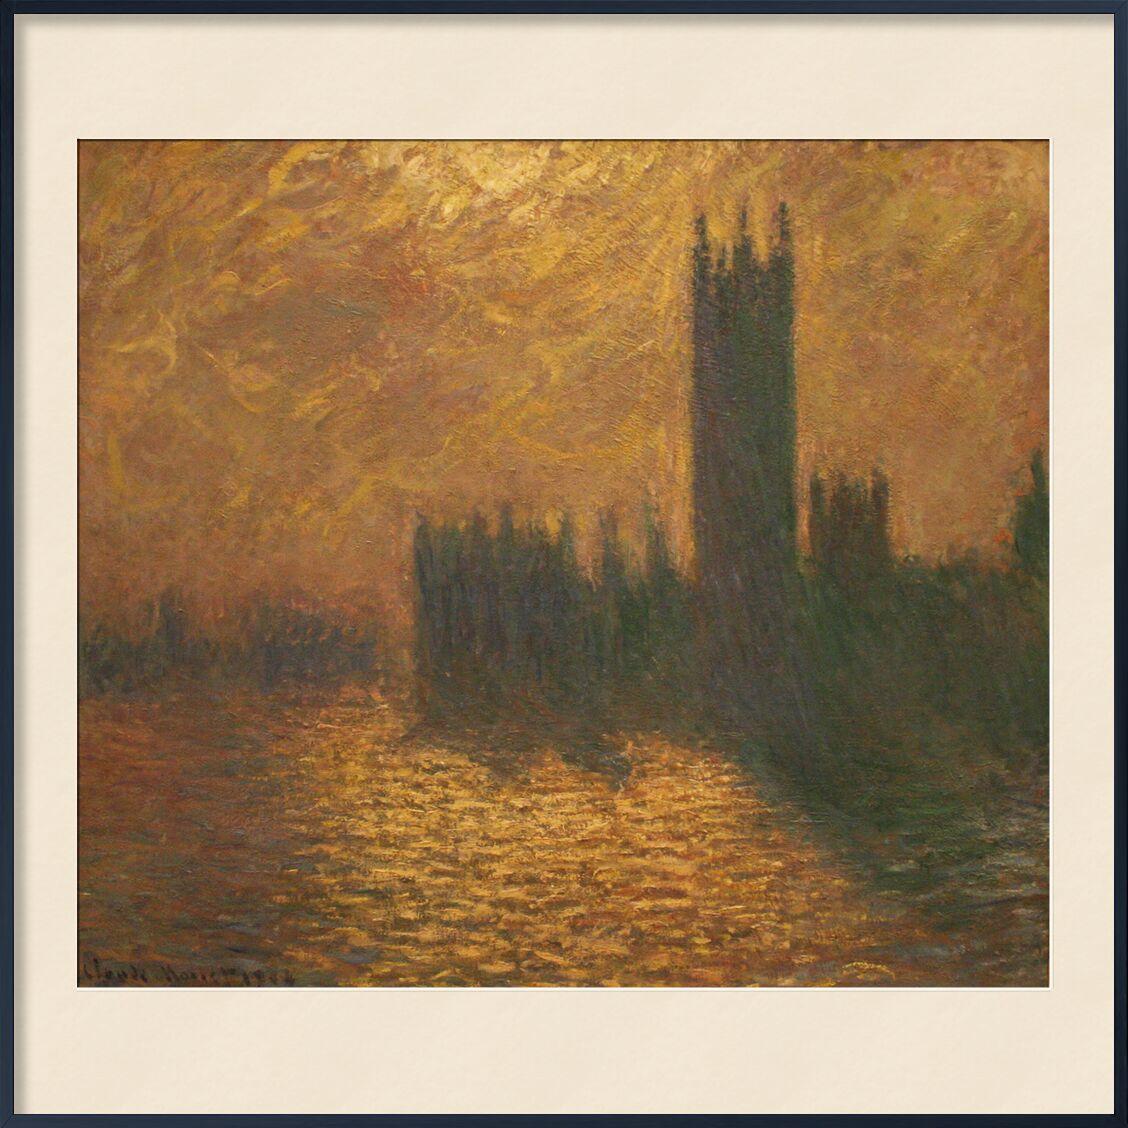 Les Chambres du Parlement, ciel orageux - CLAUDE MONET 1905 de AUX BEAUX-ARTS, Prodi Art, Londres, ciel, tamise, fleuve, capital, soleil, CLAUDE MONET, ciel orageux